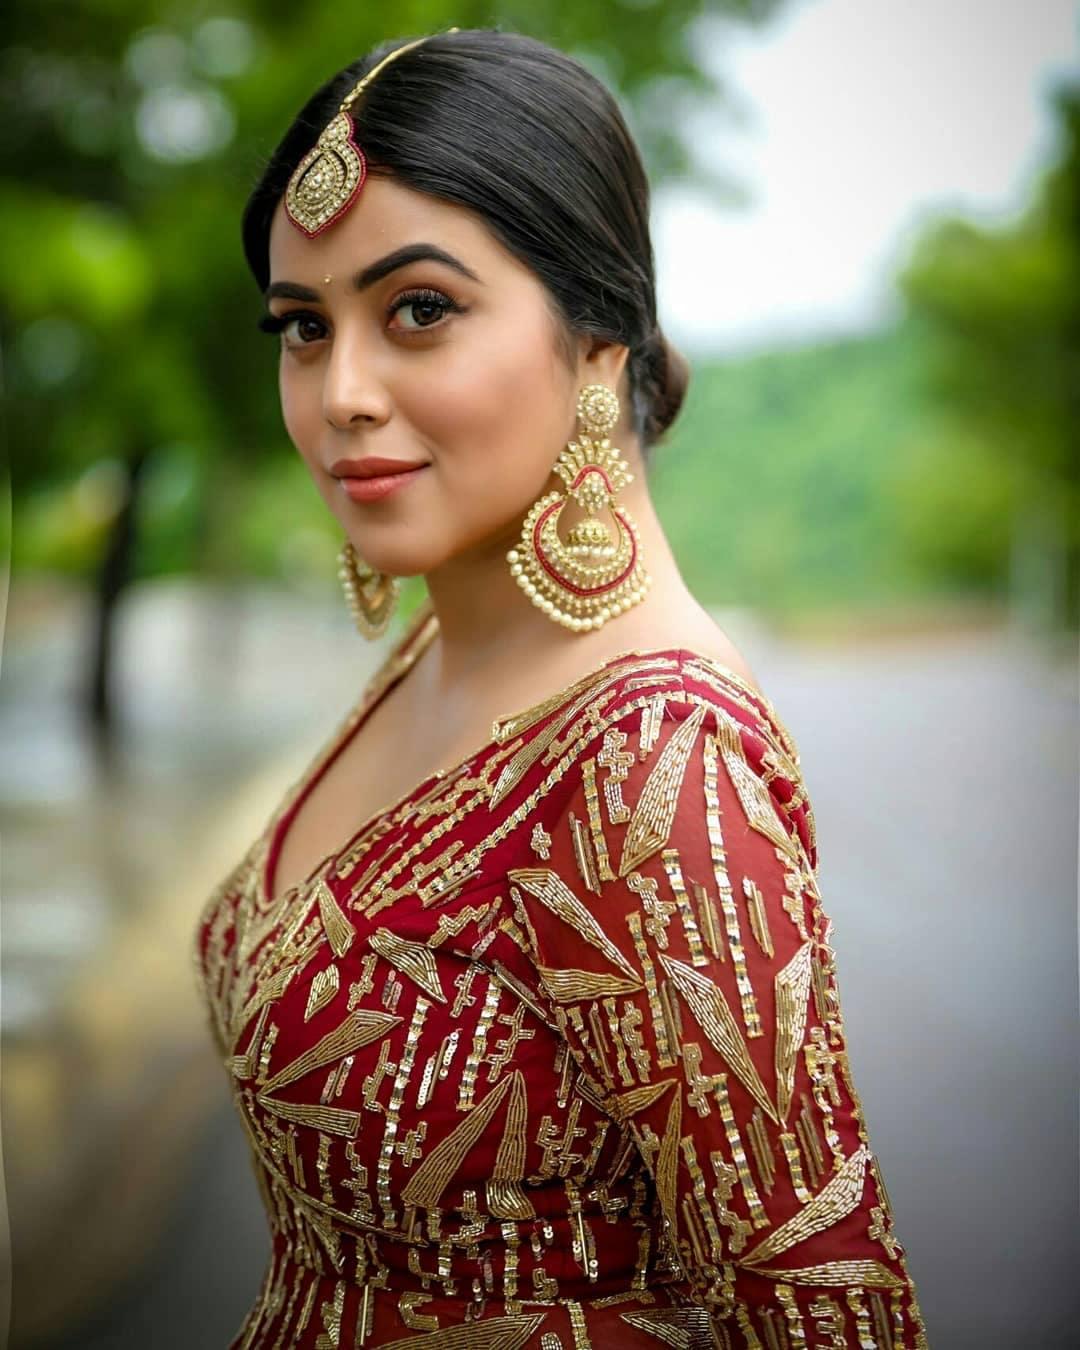 Poorna : డీ షో పూర్ణ లేటెస్ట్ ఫోటో షూట్... అదిరిన పిక్స్.. Photo : Instagram